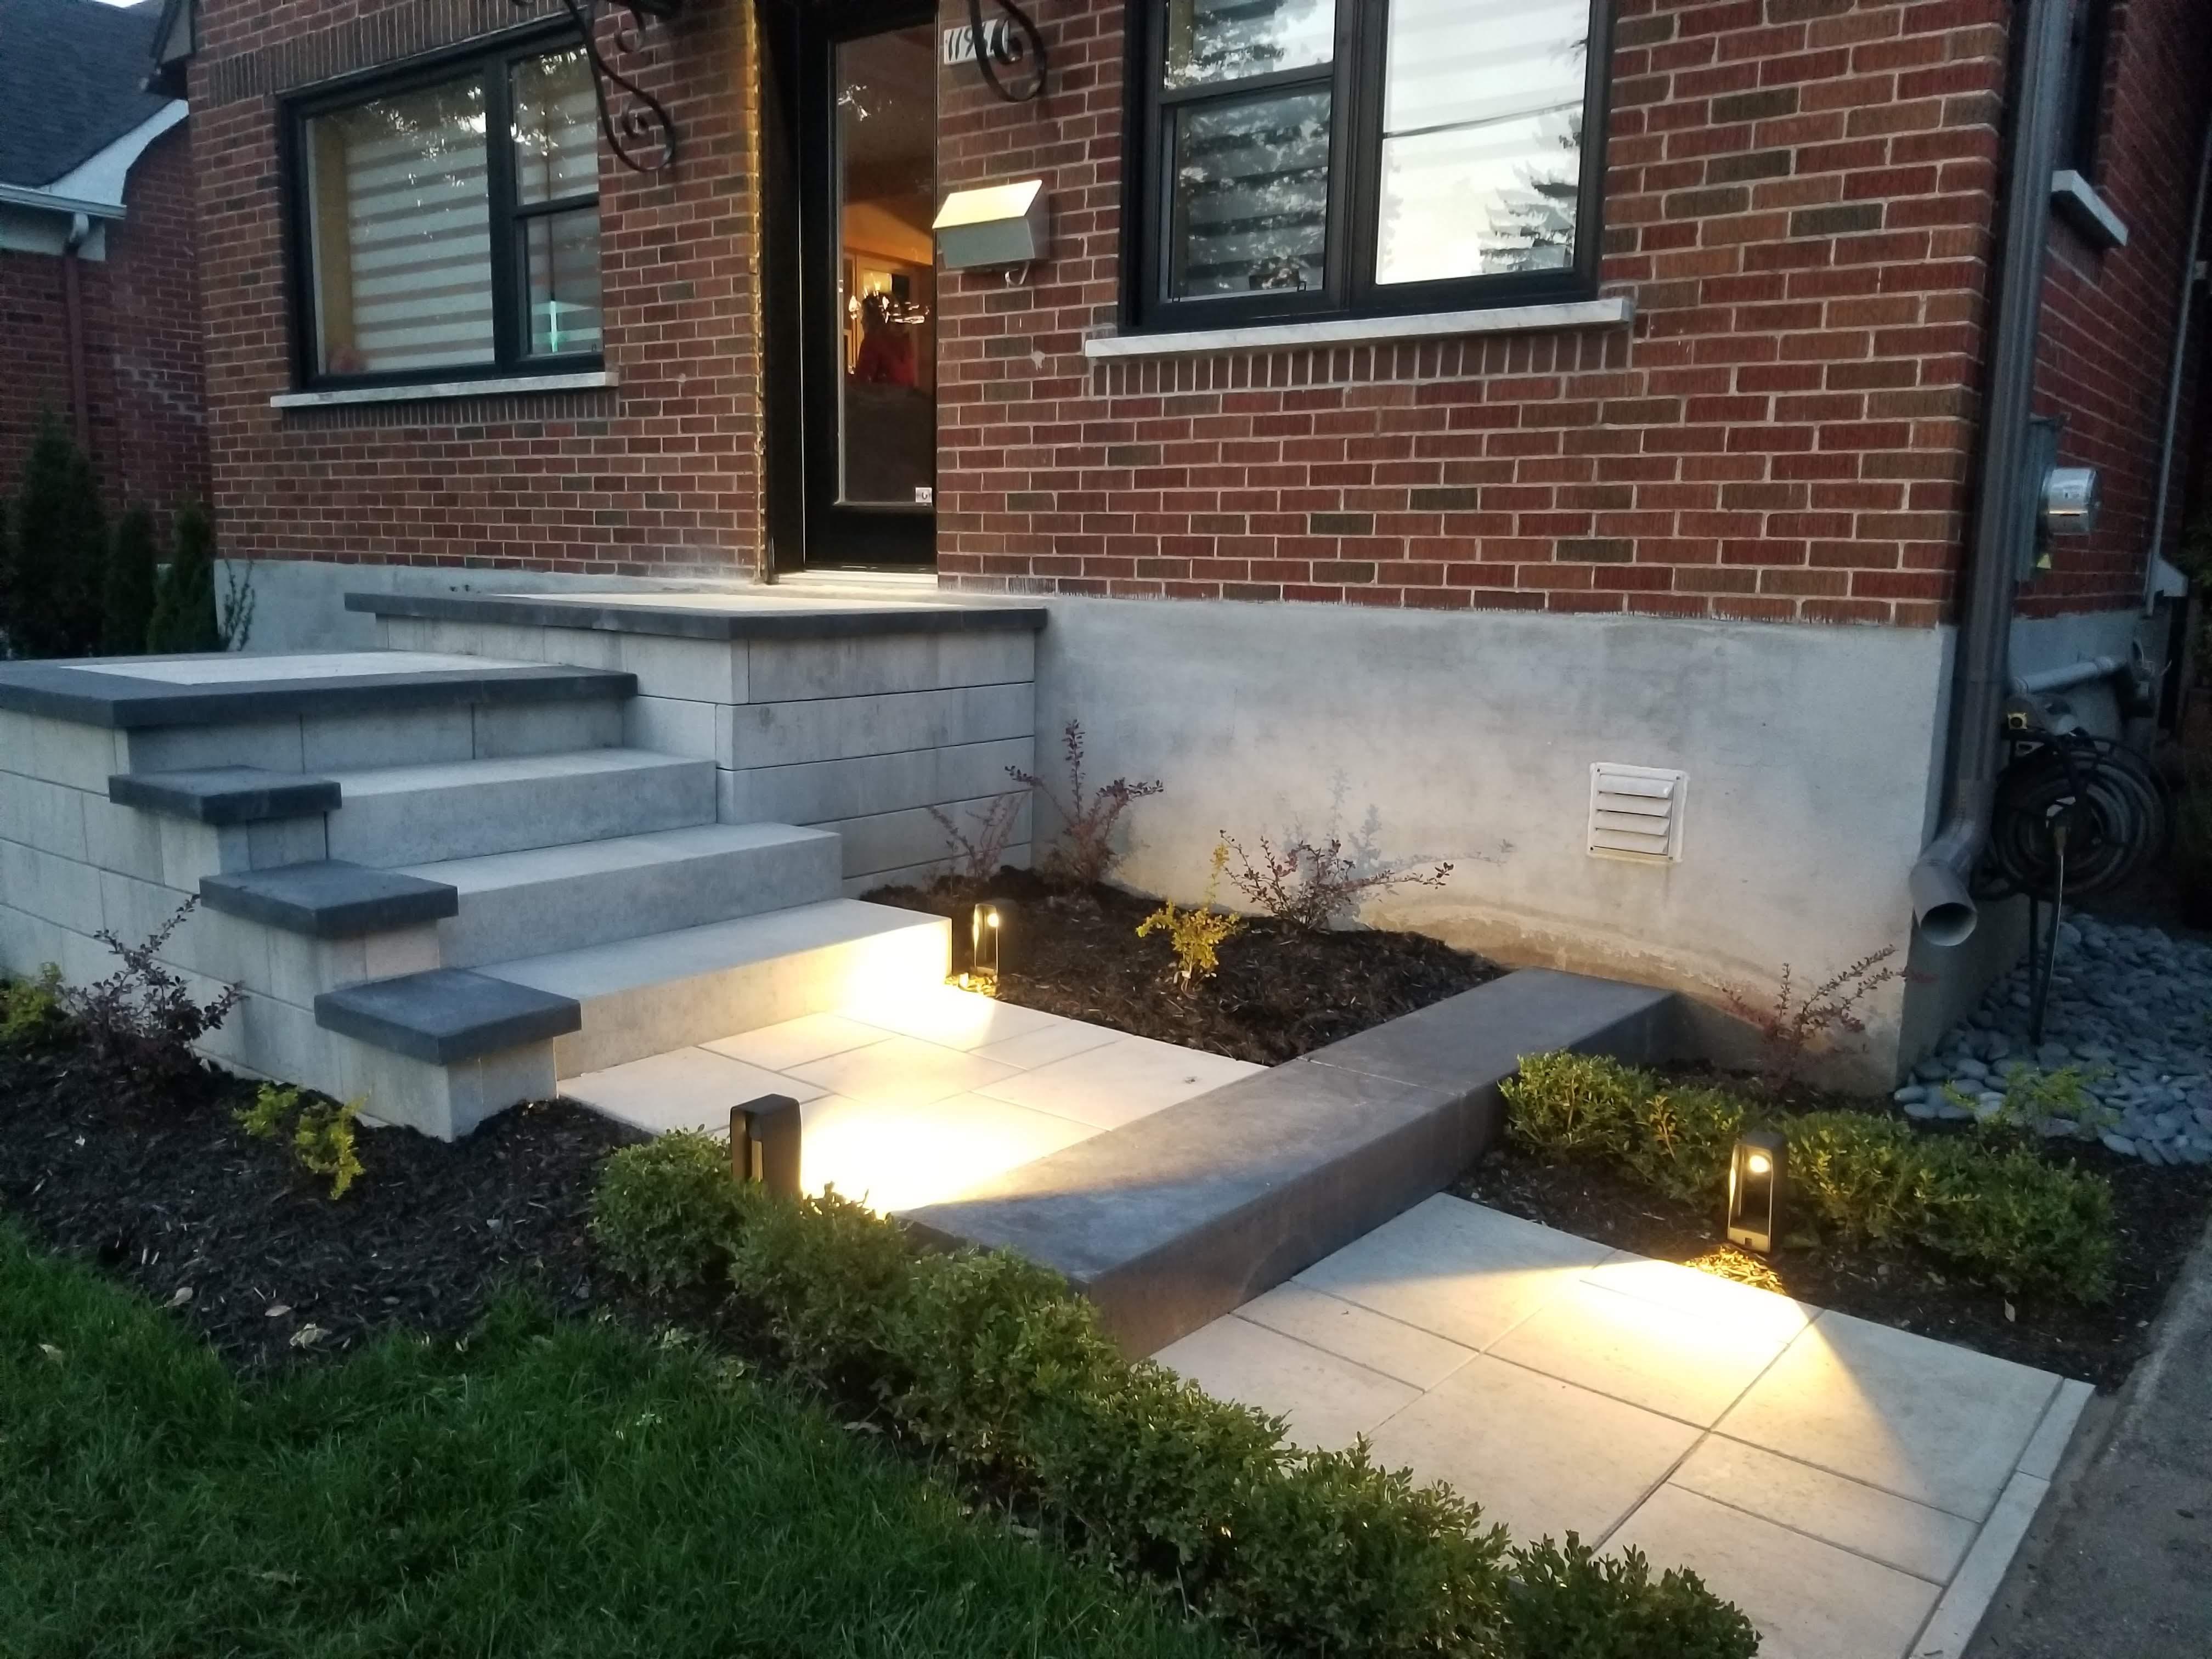 descente d'escalier en bloc de muret et marche modulaire et éclairage in-lite